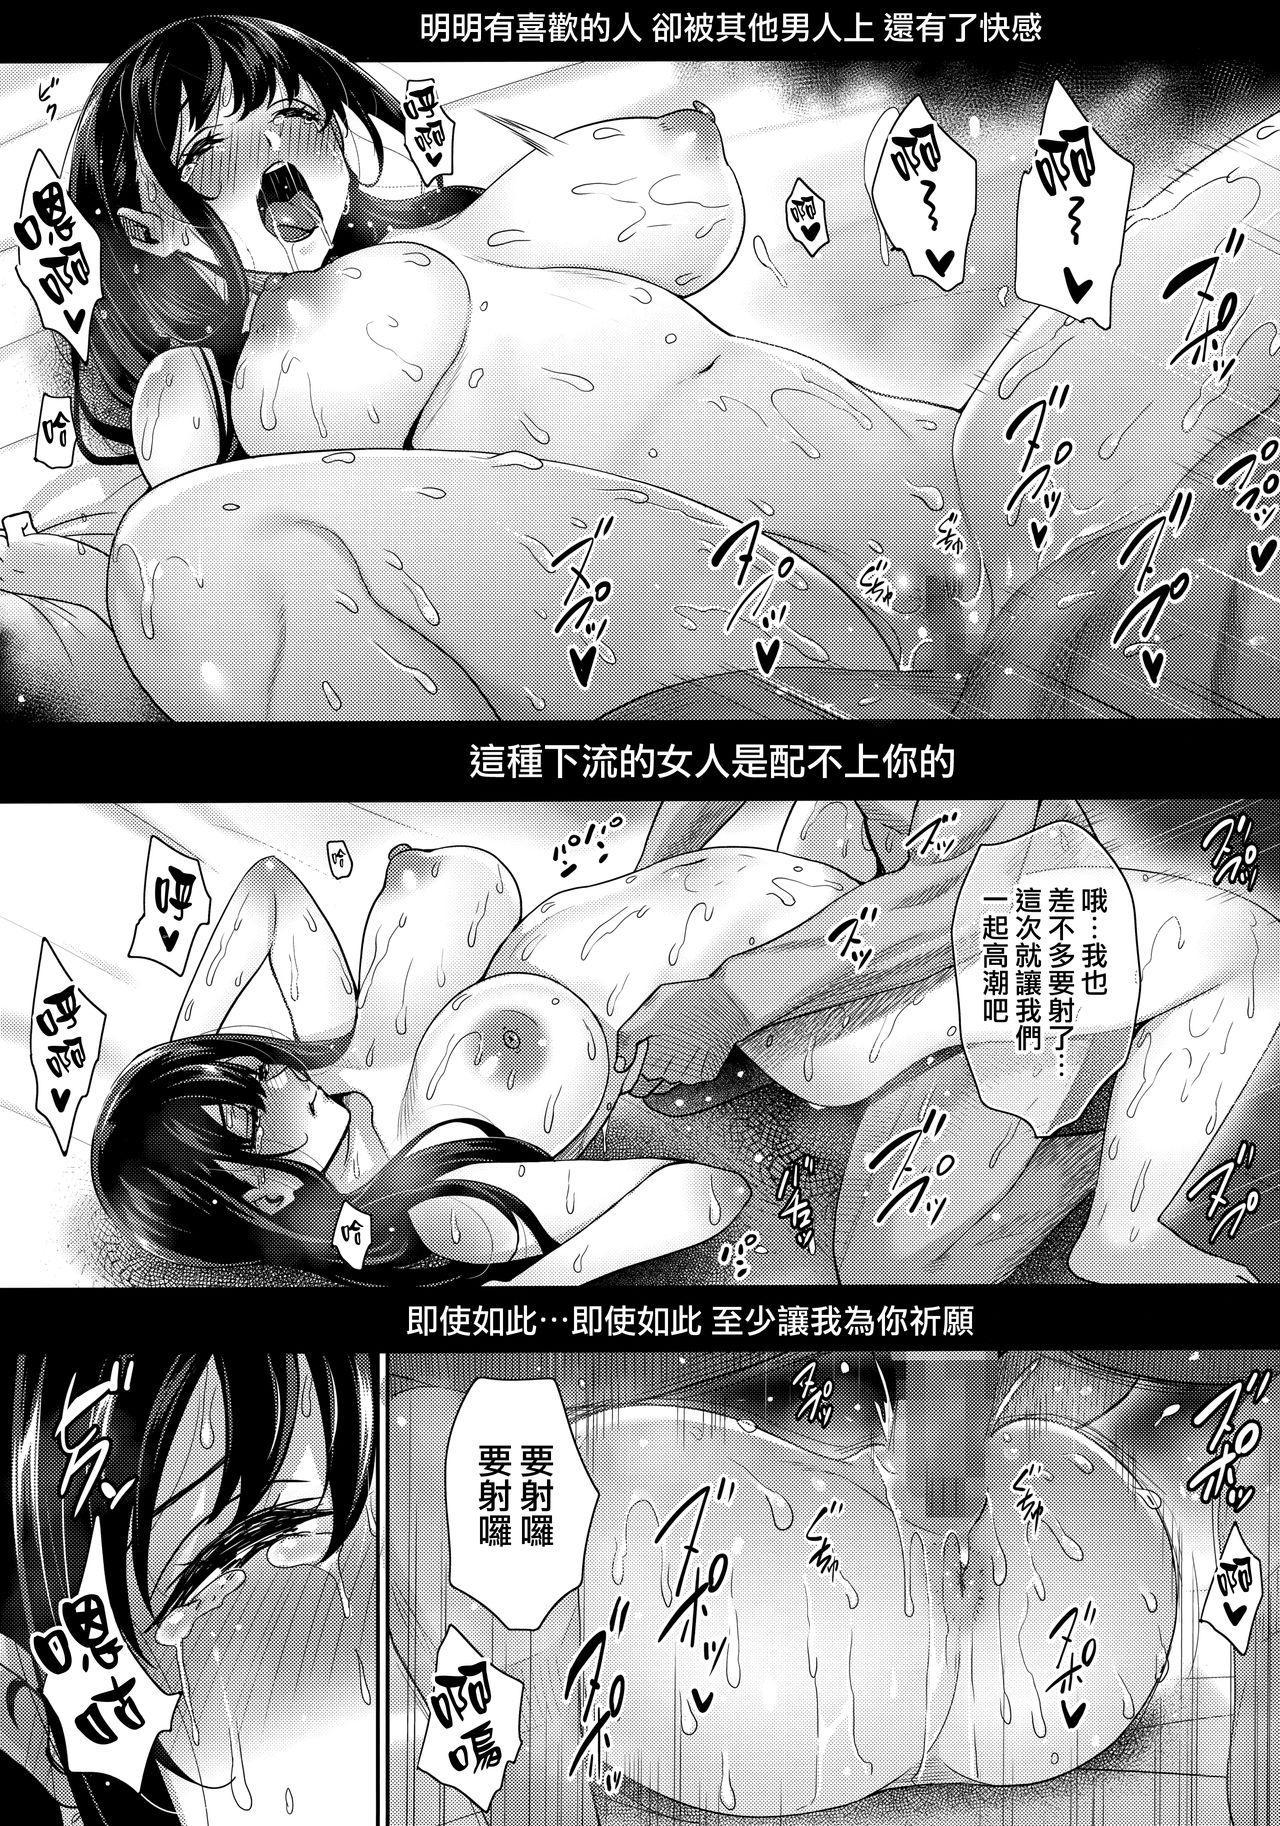 Anata no Negai ga Kanaimasu you ni. 43